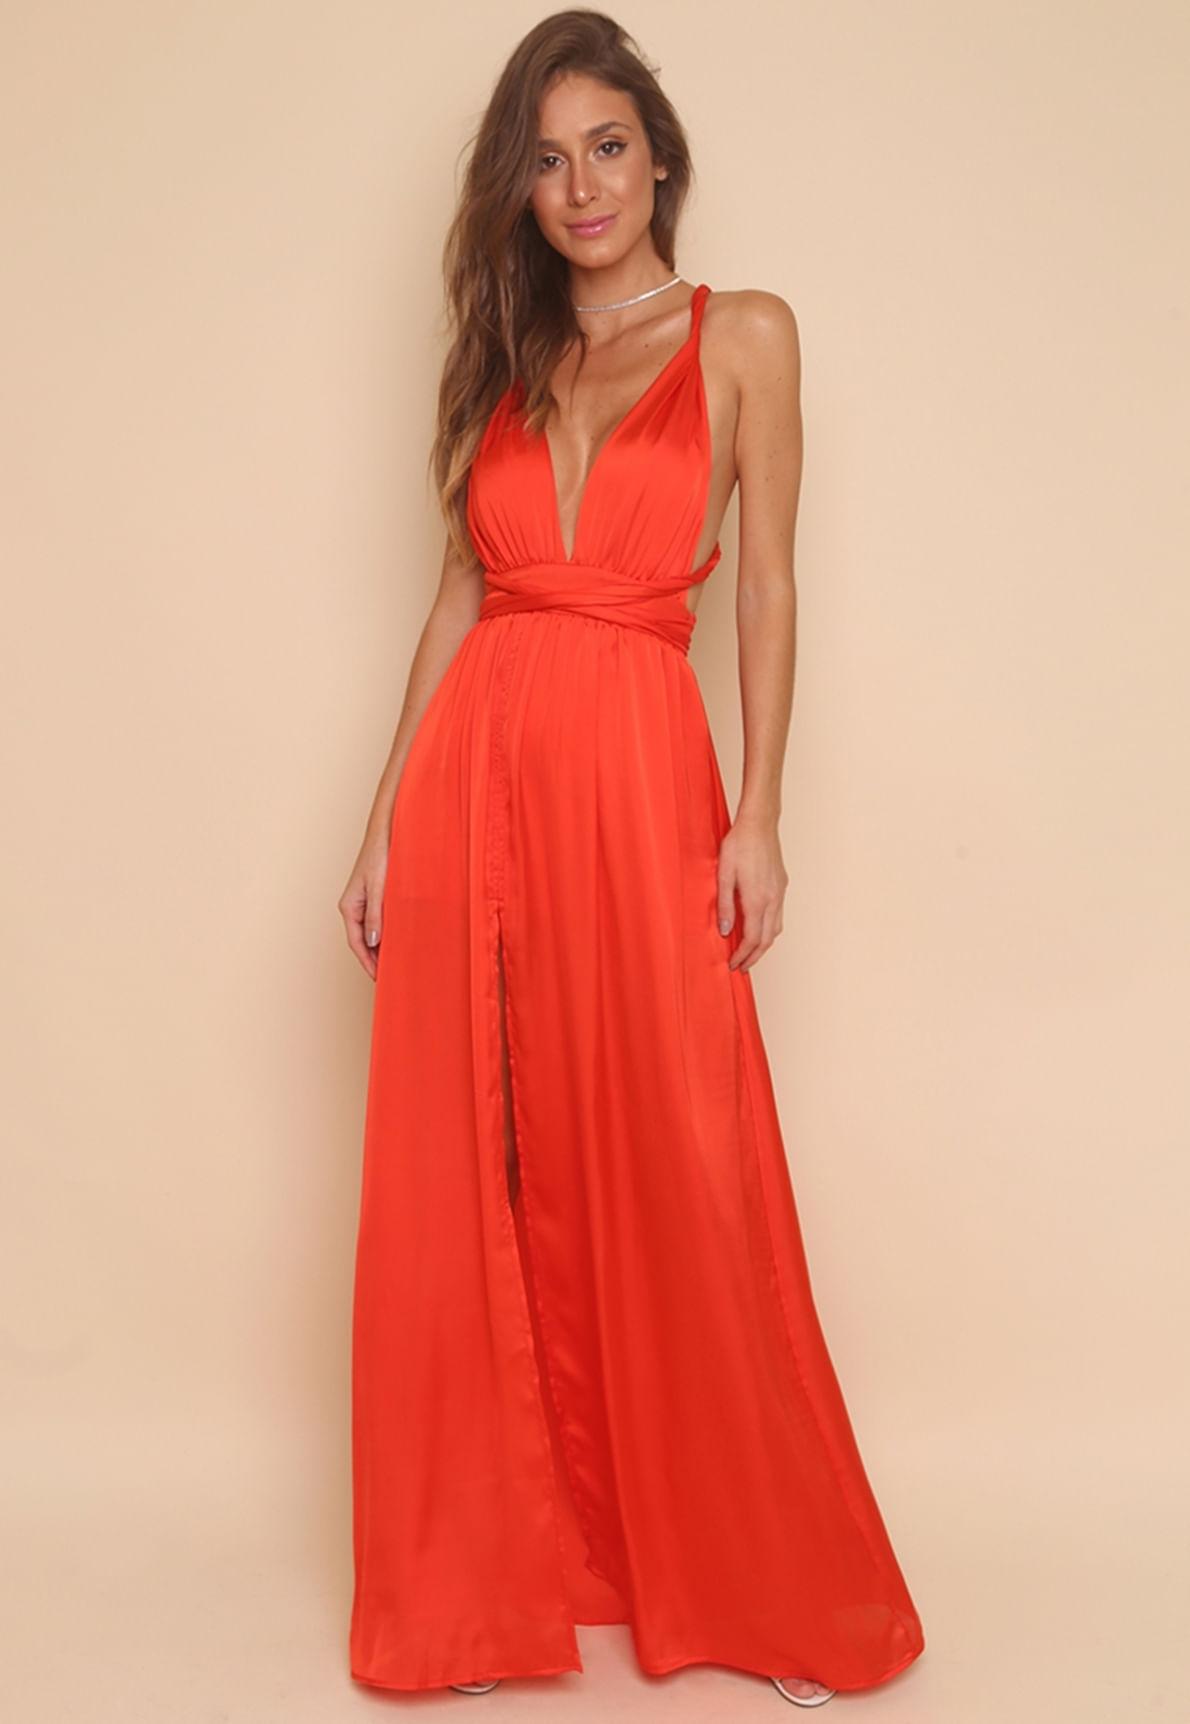 27130-vestido-londo-coral-transpassado-adalia-mundo-lolita-01